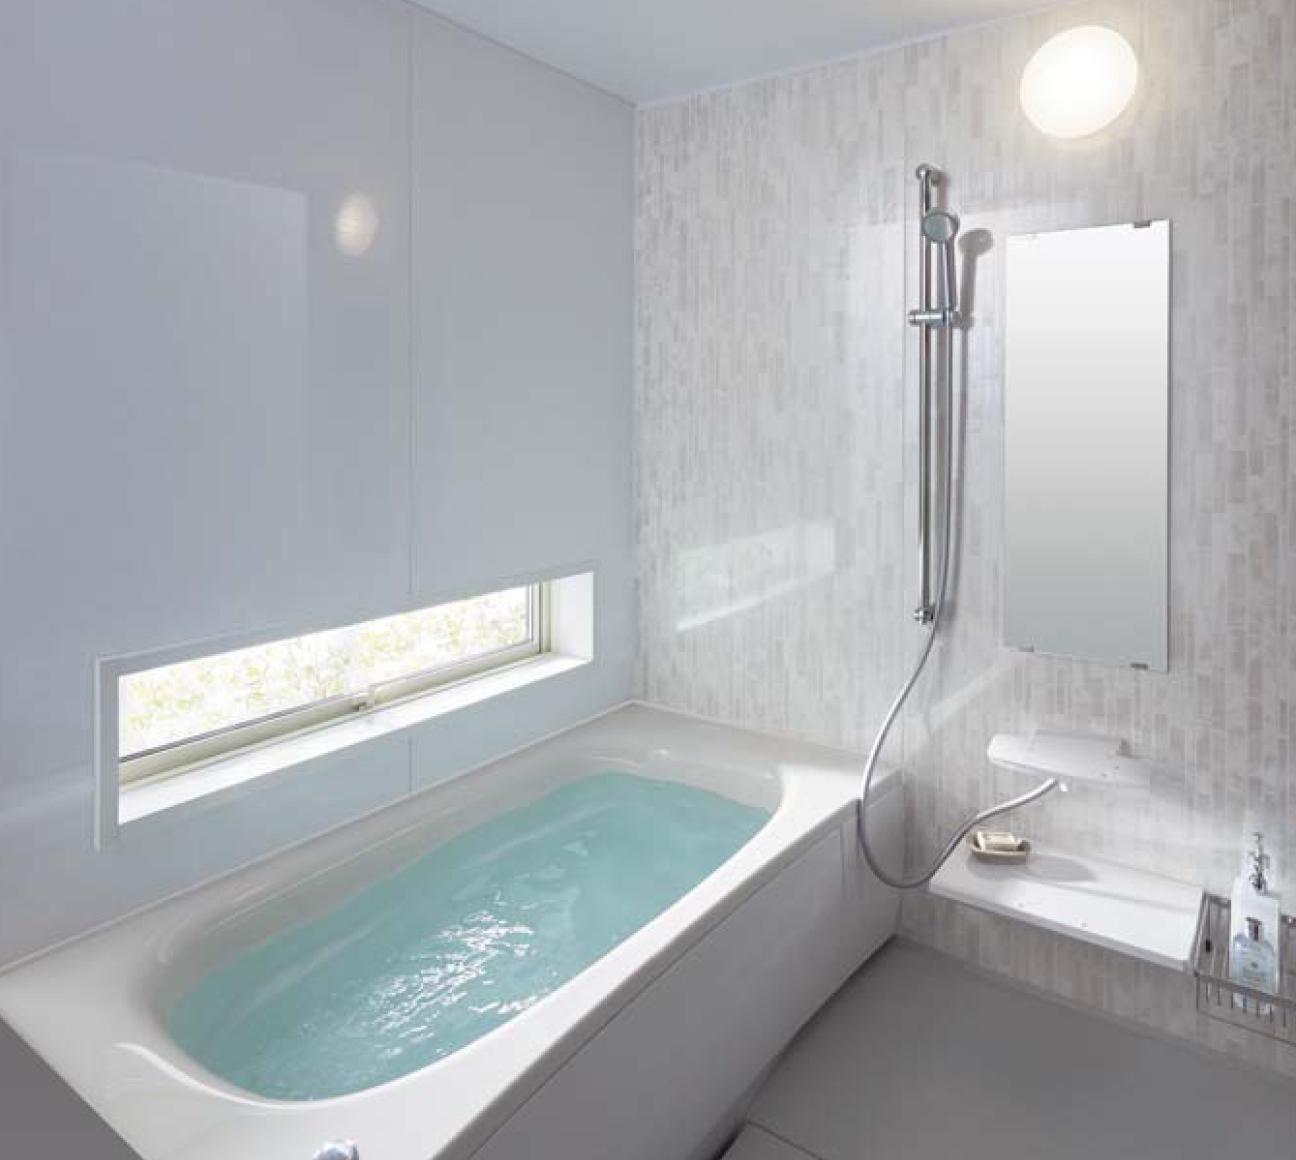 バスルームオフローラの写真